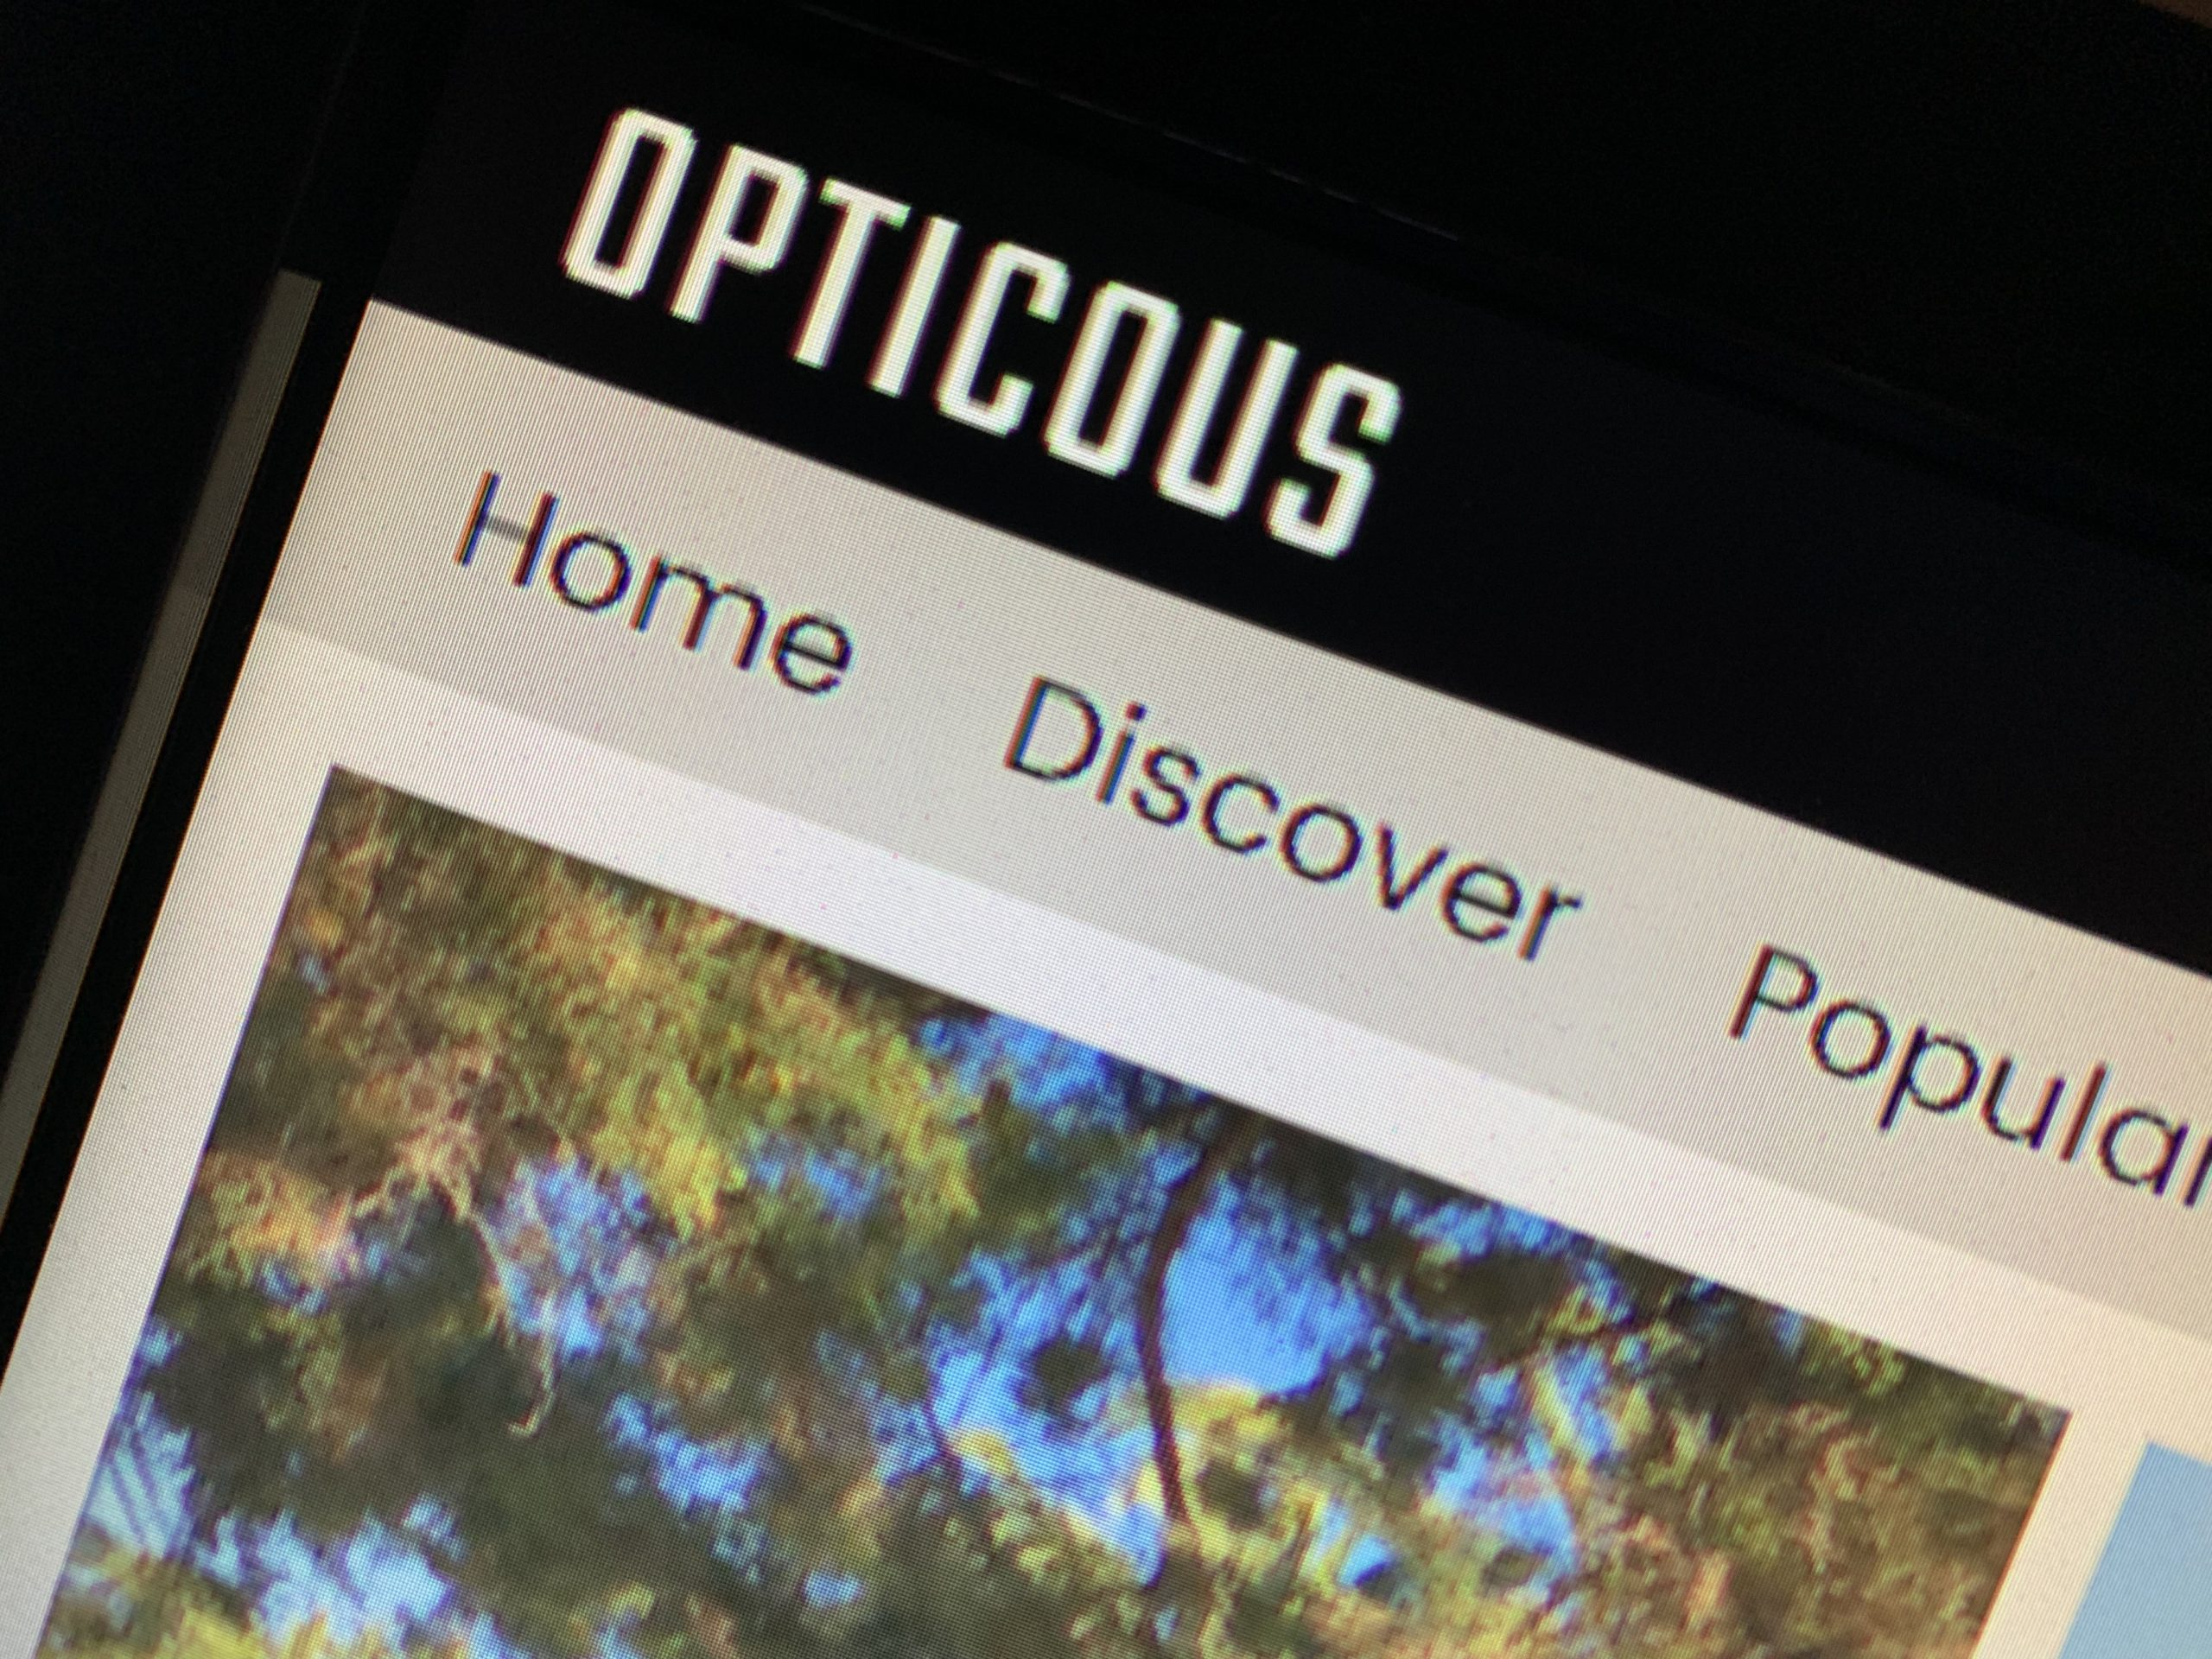 Opticous.com – The Launch Of A Dream Come True